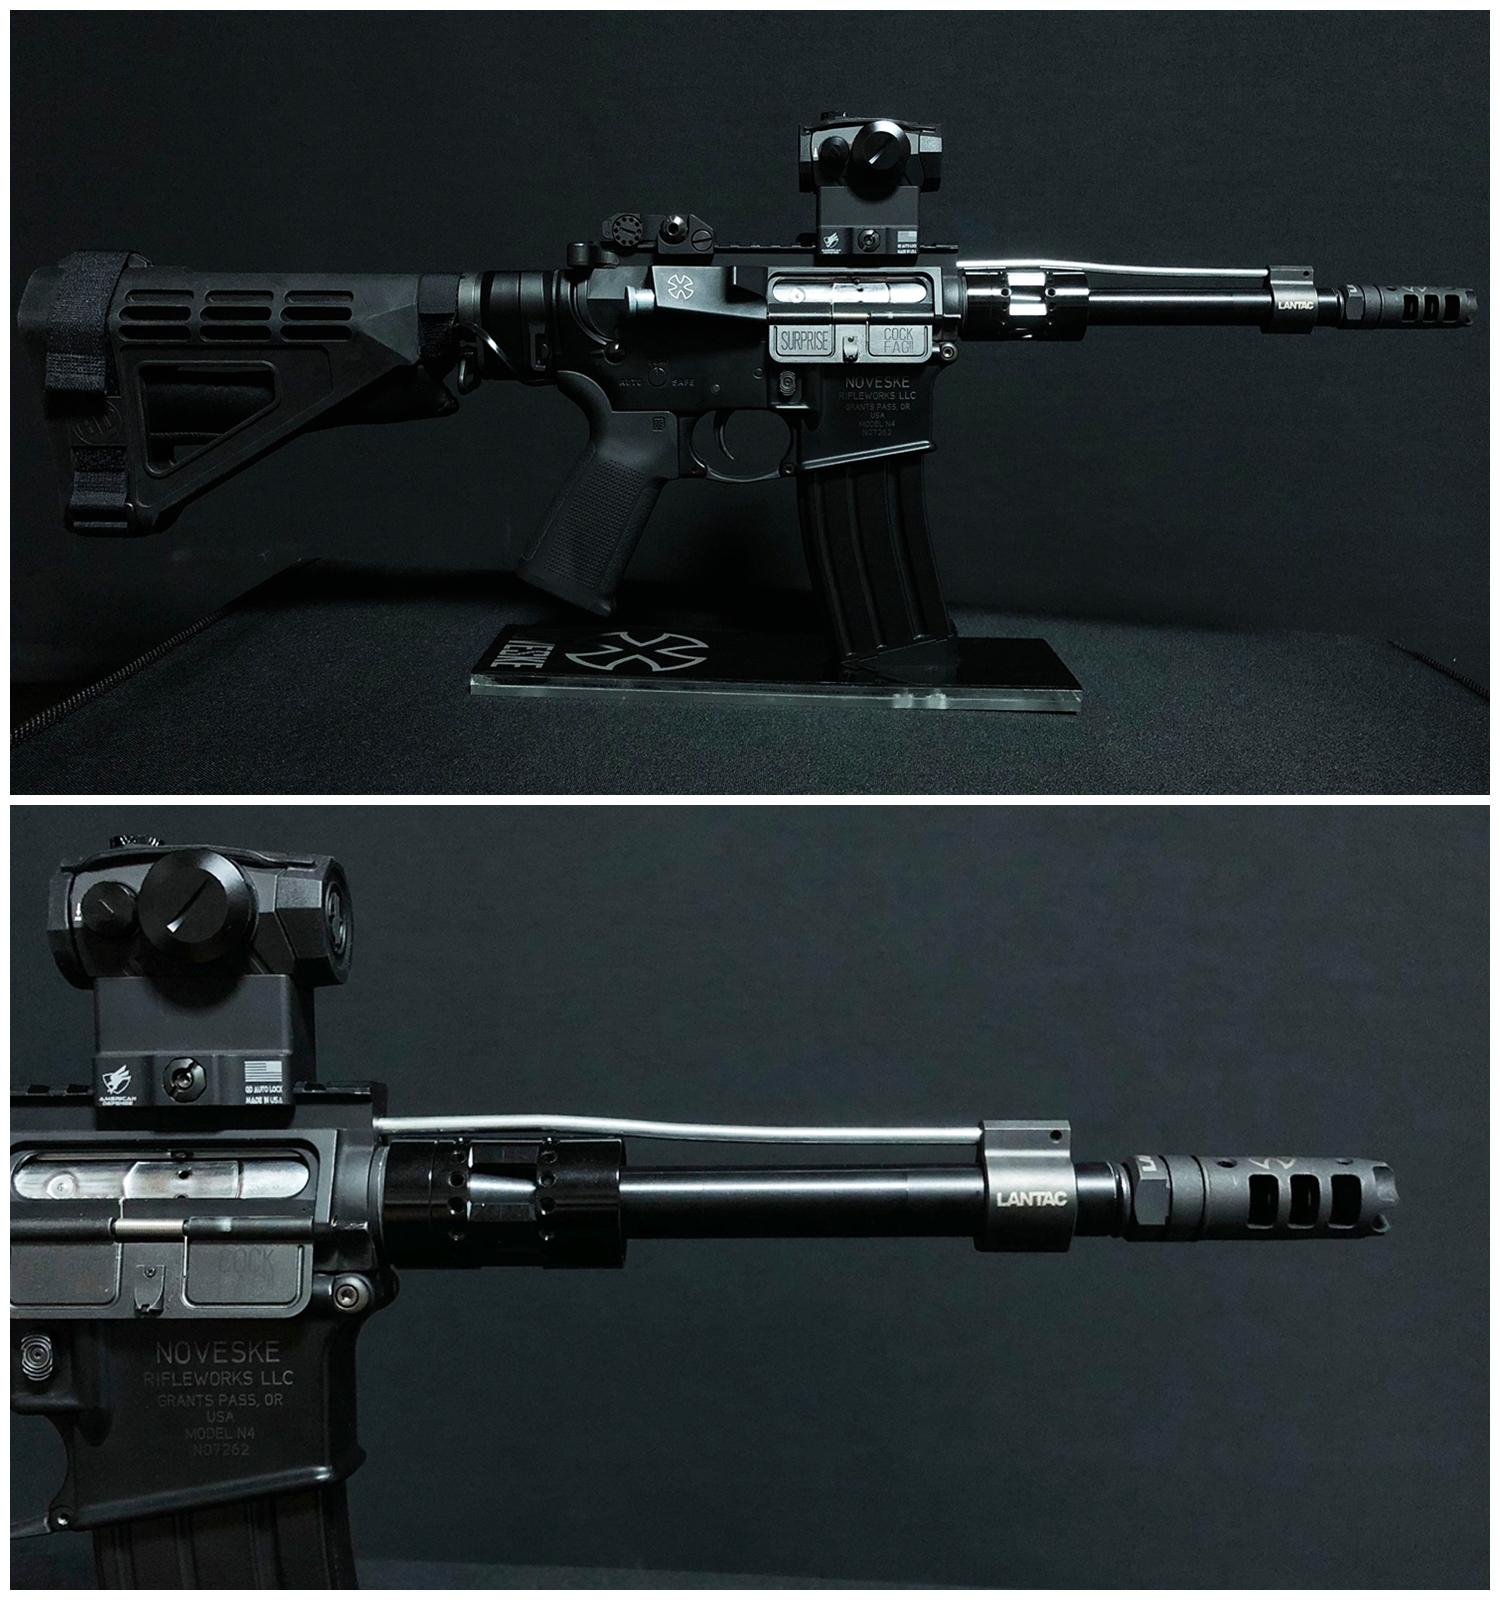 14 実物 LANTAC ULTRA LOW PROFILE GAS BLOCK 750 AR15 556 MADE IN THE USA ガスブロック 購入 取付 次世代 M4 CQB-R カスタム レビュー!!